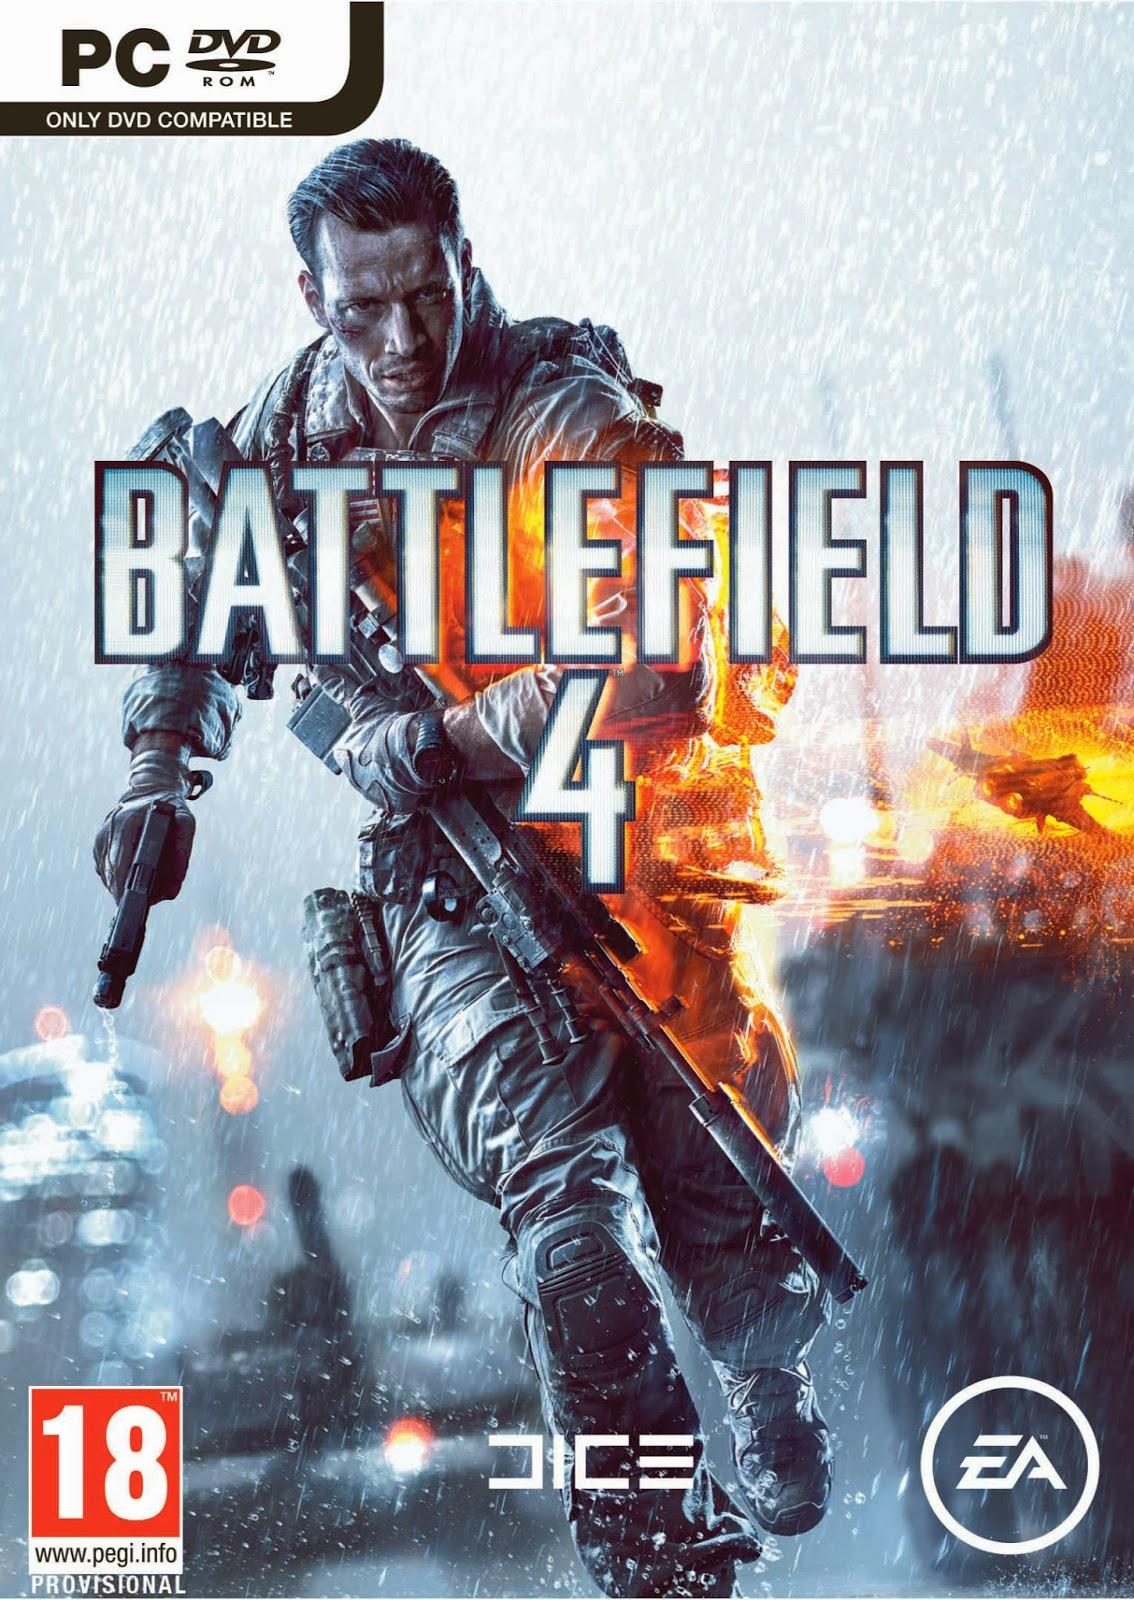 حصريا مكتبة العاب تكريك الفريق الرائع reloaded يزيد لعبة,بوابة 2013 battlefield-4-cover-